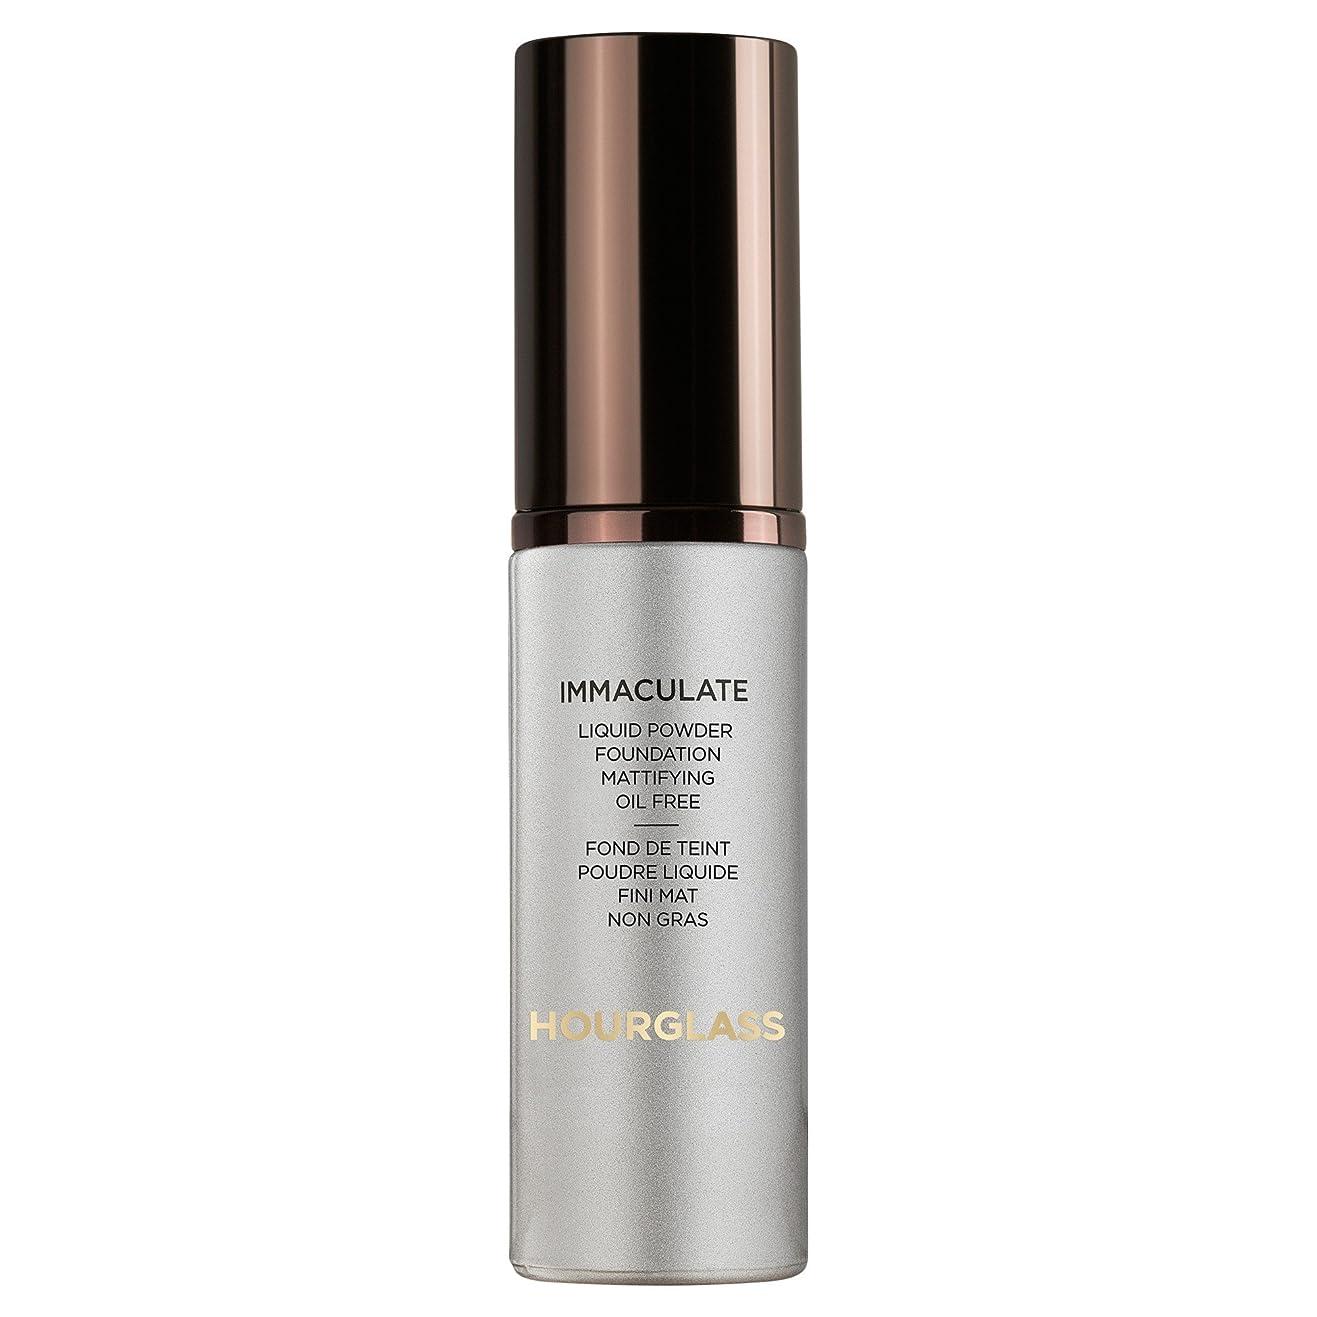 から聞くそれに応じてみなす自然の砂時計真っ白な液体パウダーファンデーション (Hourglass) (x6) - Hourglass Immaculate Liquid Powder Foundation Natural (Pack of 6) [並行輸入品]